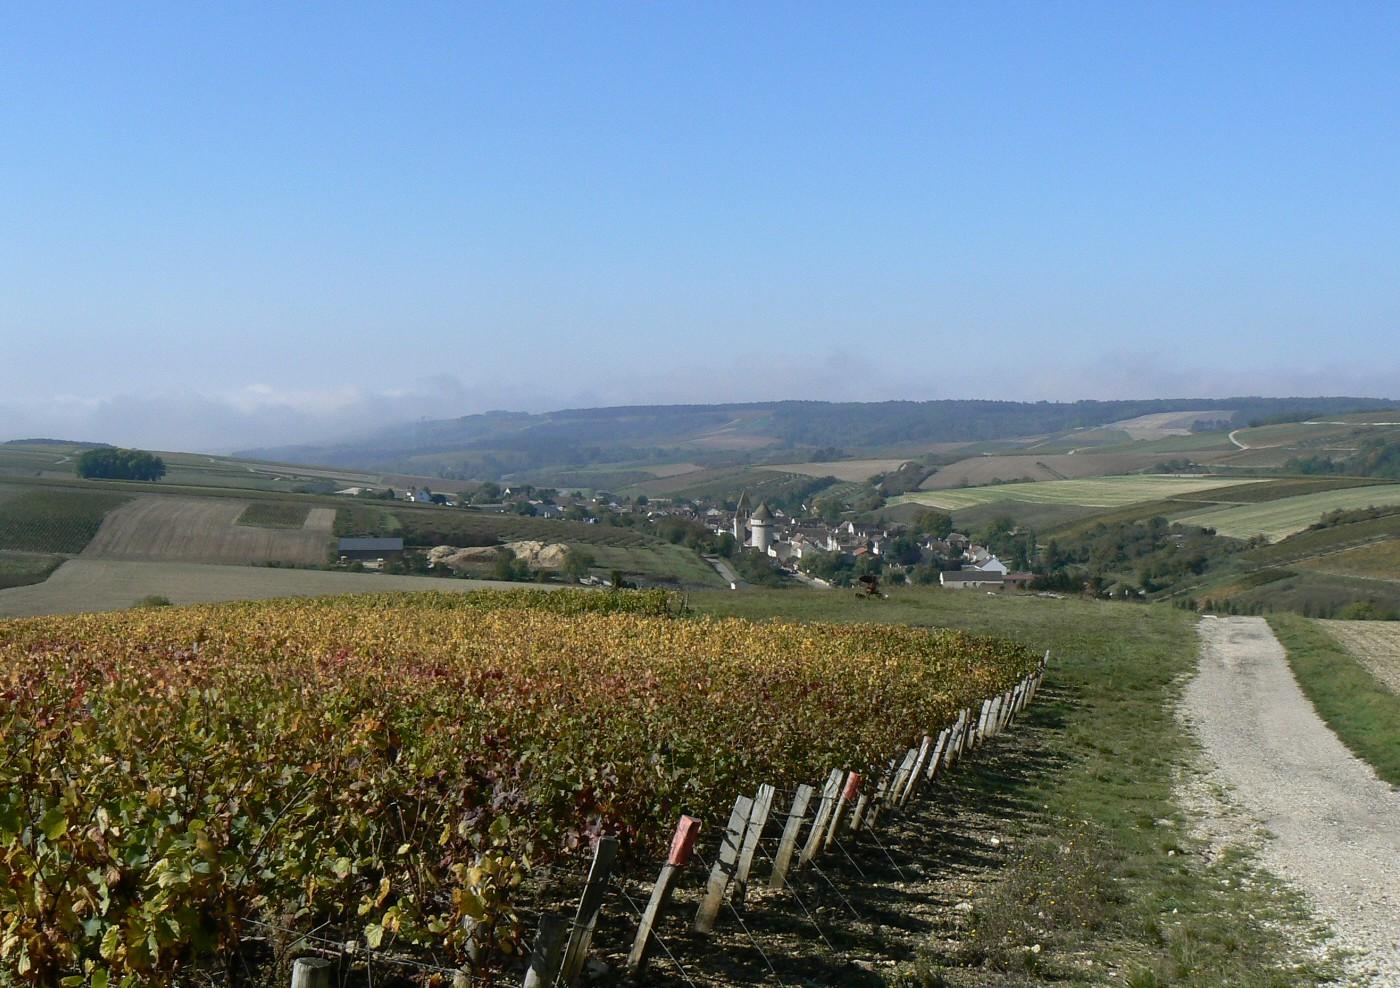 vignoble de Chablis en Bourgogne